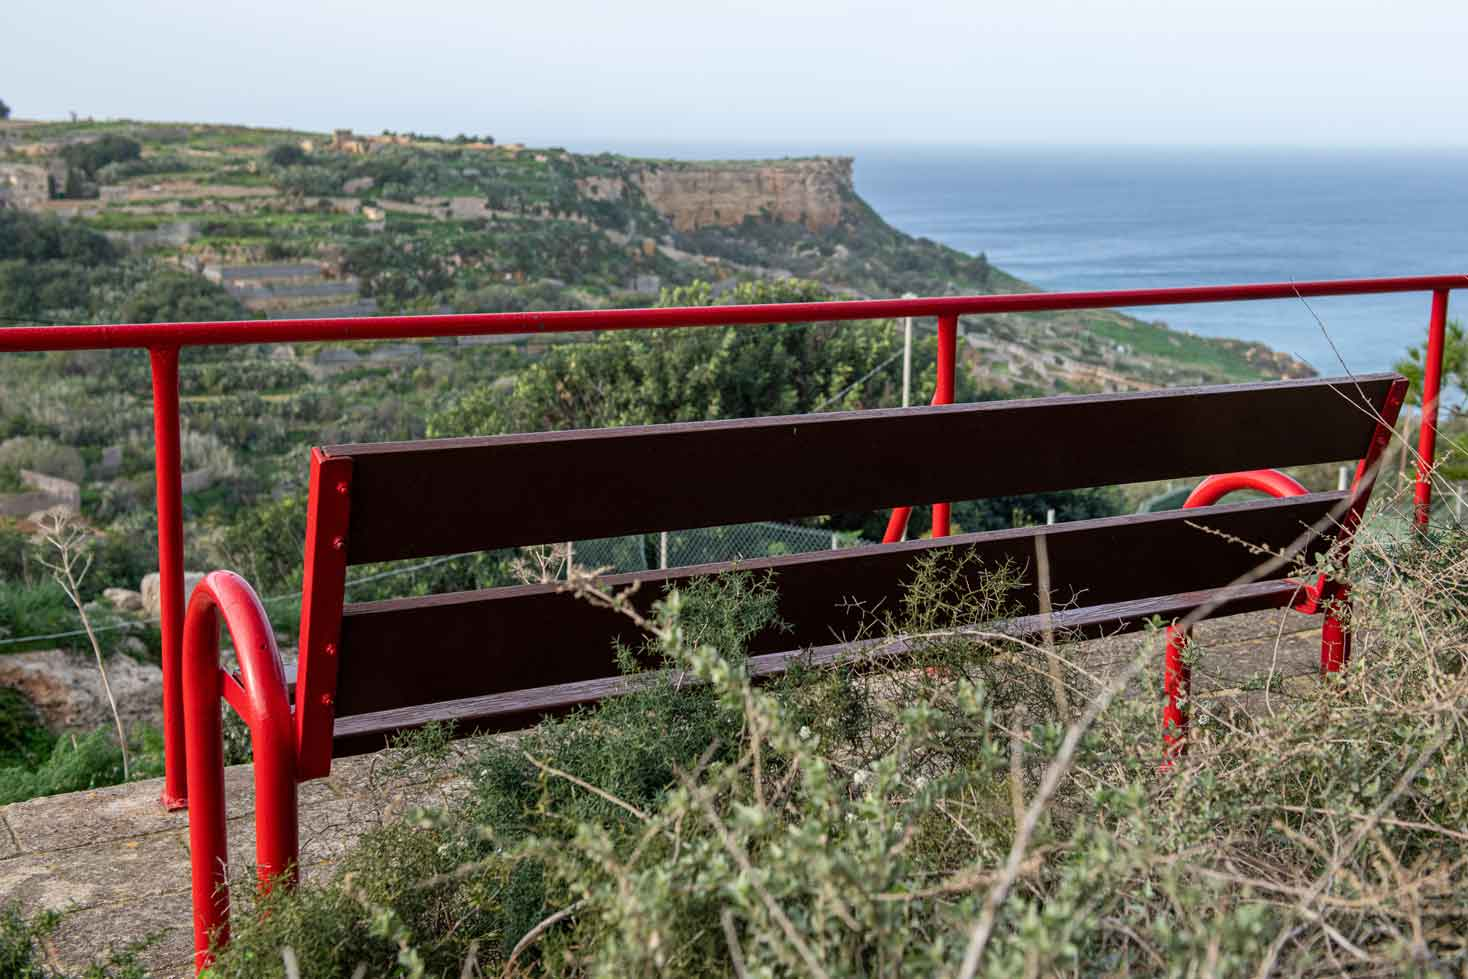 San-Blas-Garden-bench